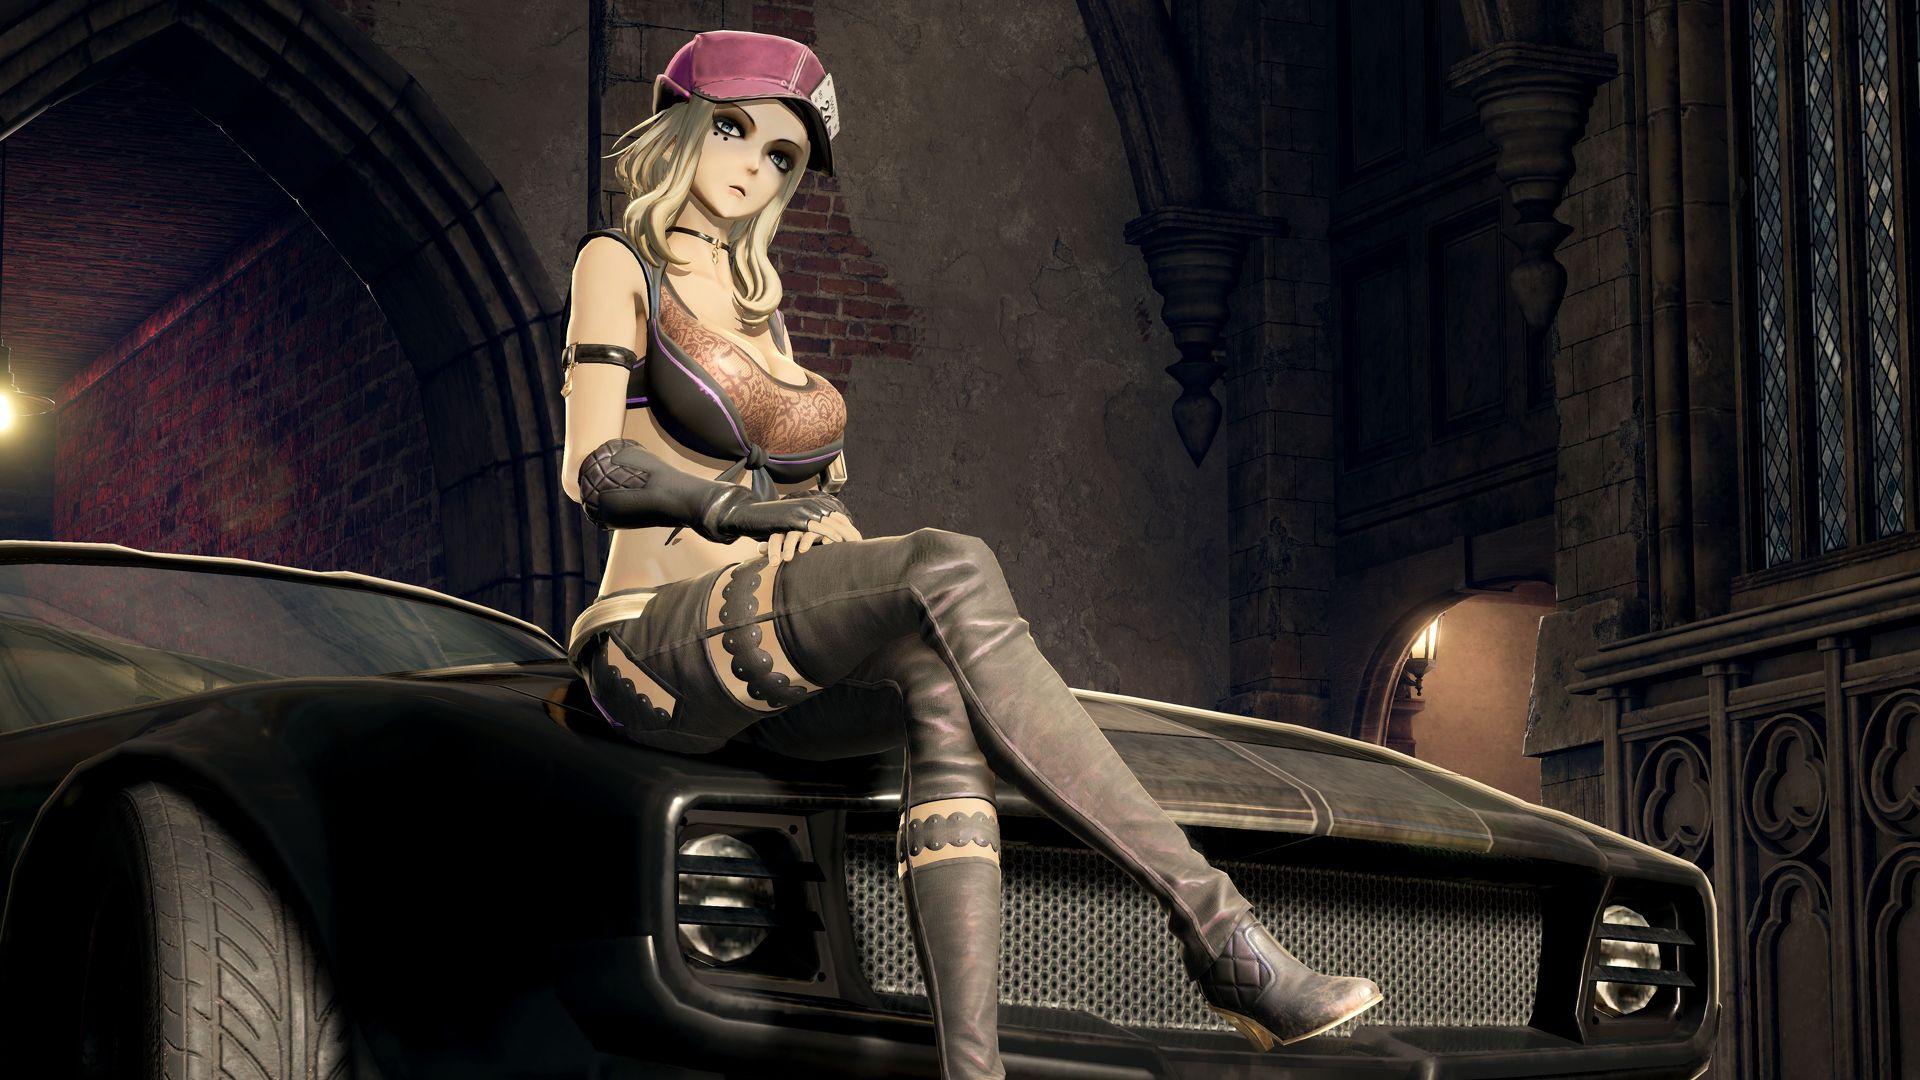 Novas imagens revelam mais personagens e detalhes do game Code Vein